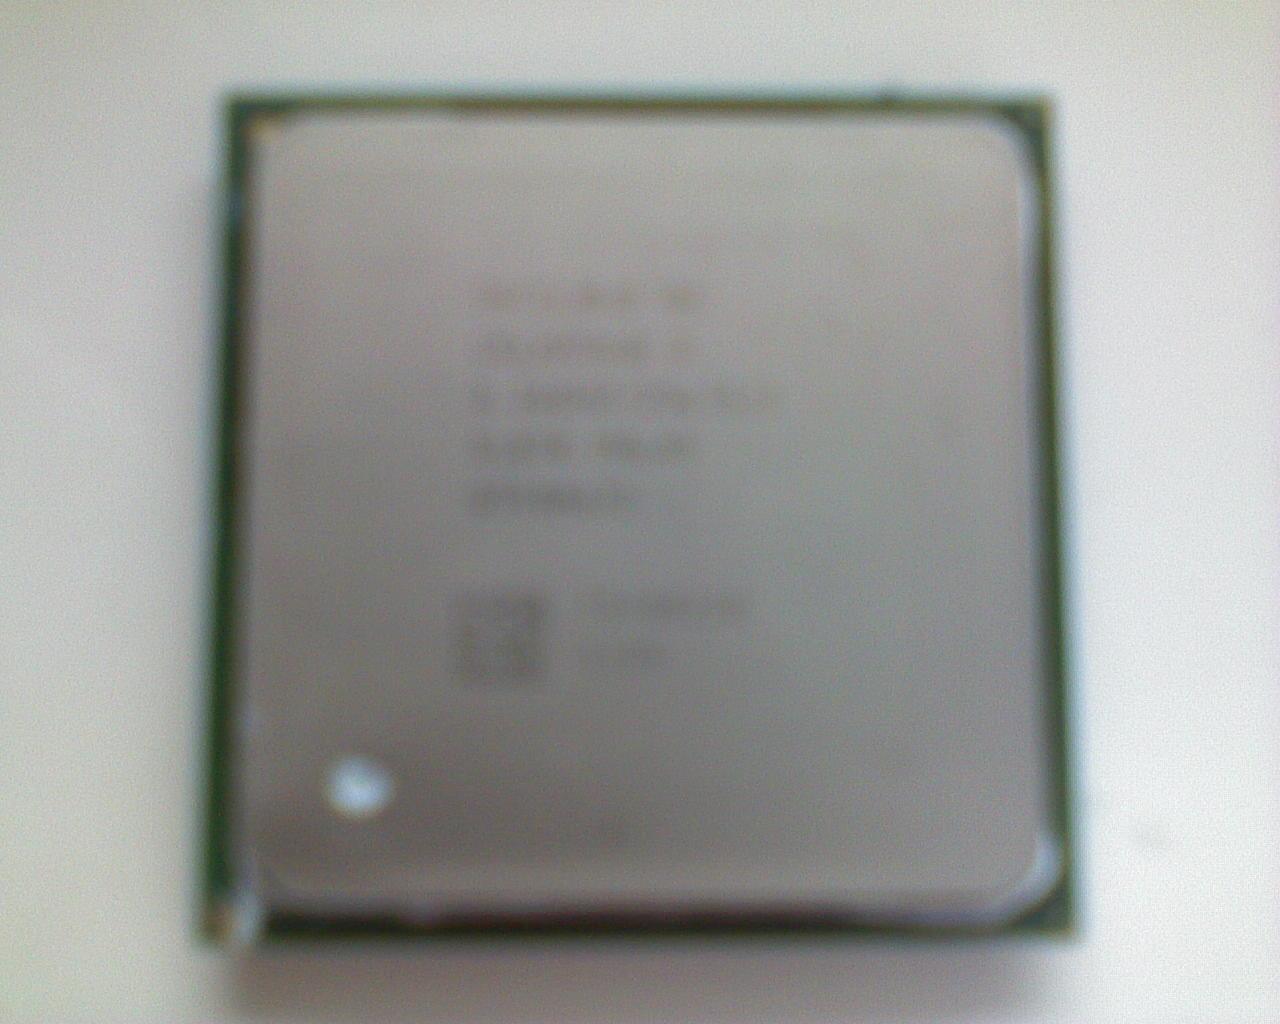 [Sprzedam] Procesor Intel Celeron D 2,26GHz! Socket 478. GWAR